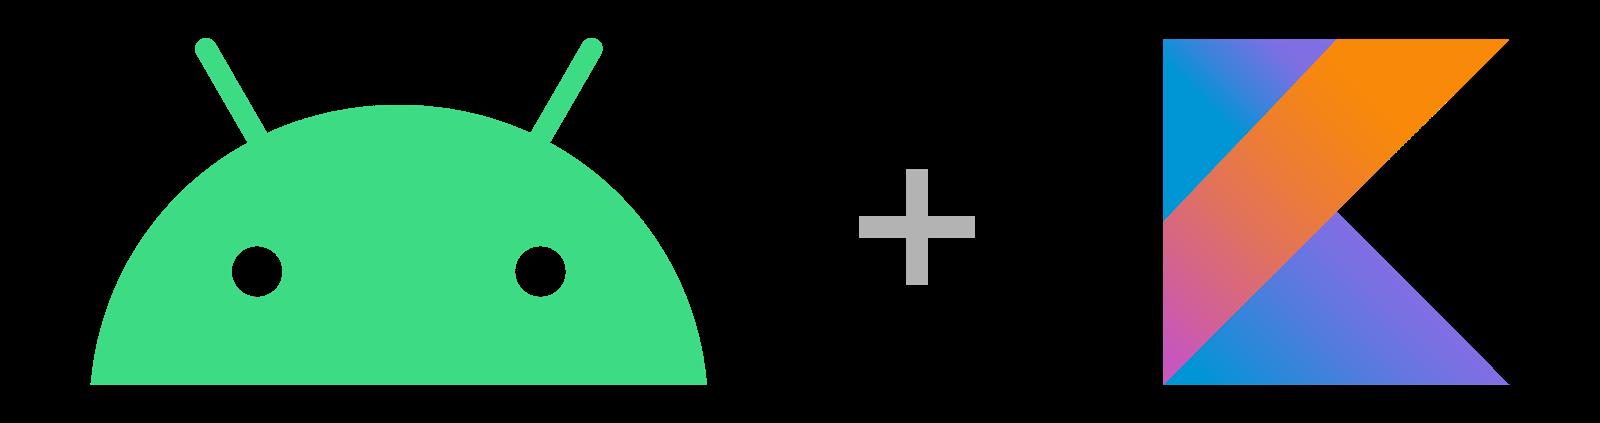 logo android dan kotlin